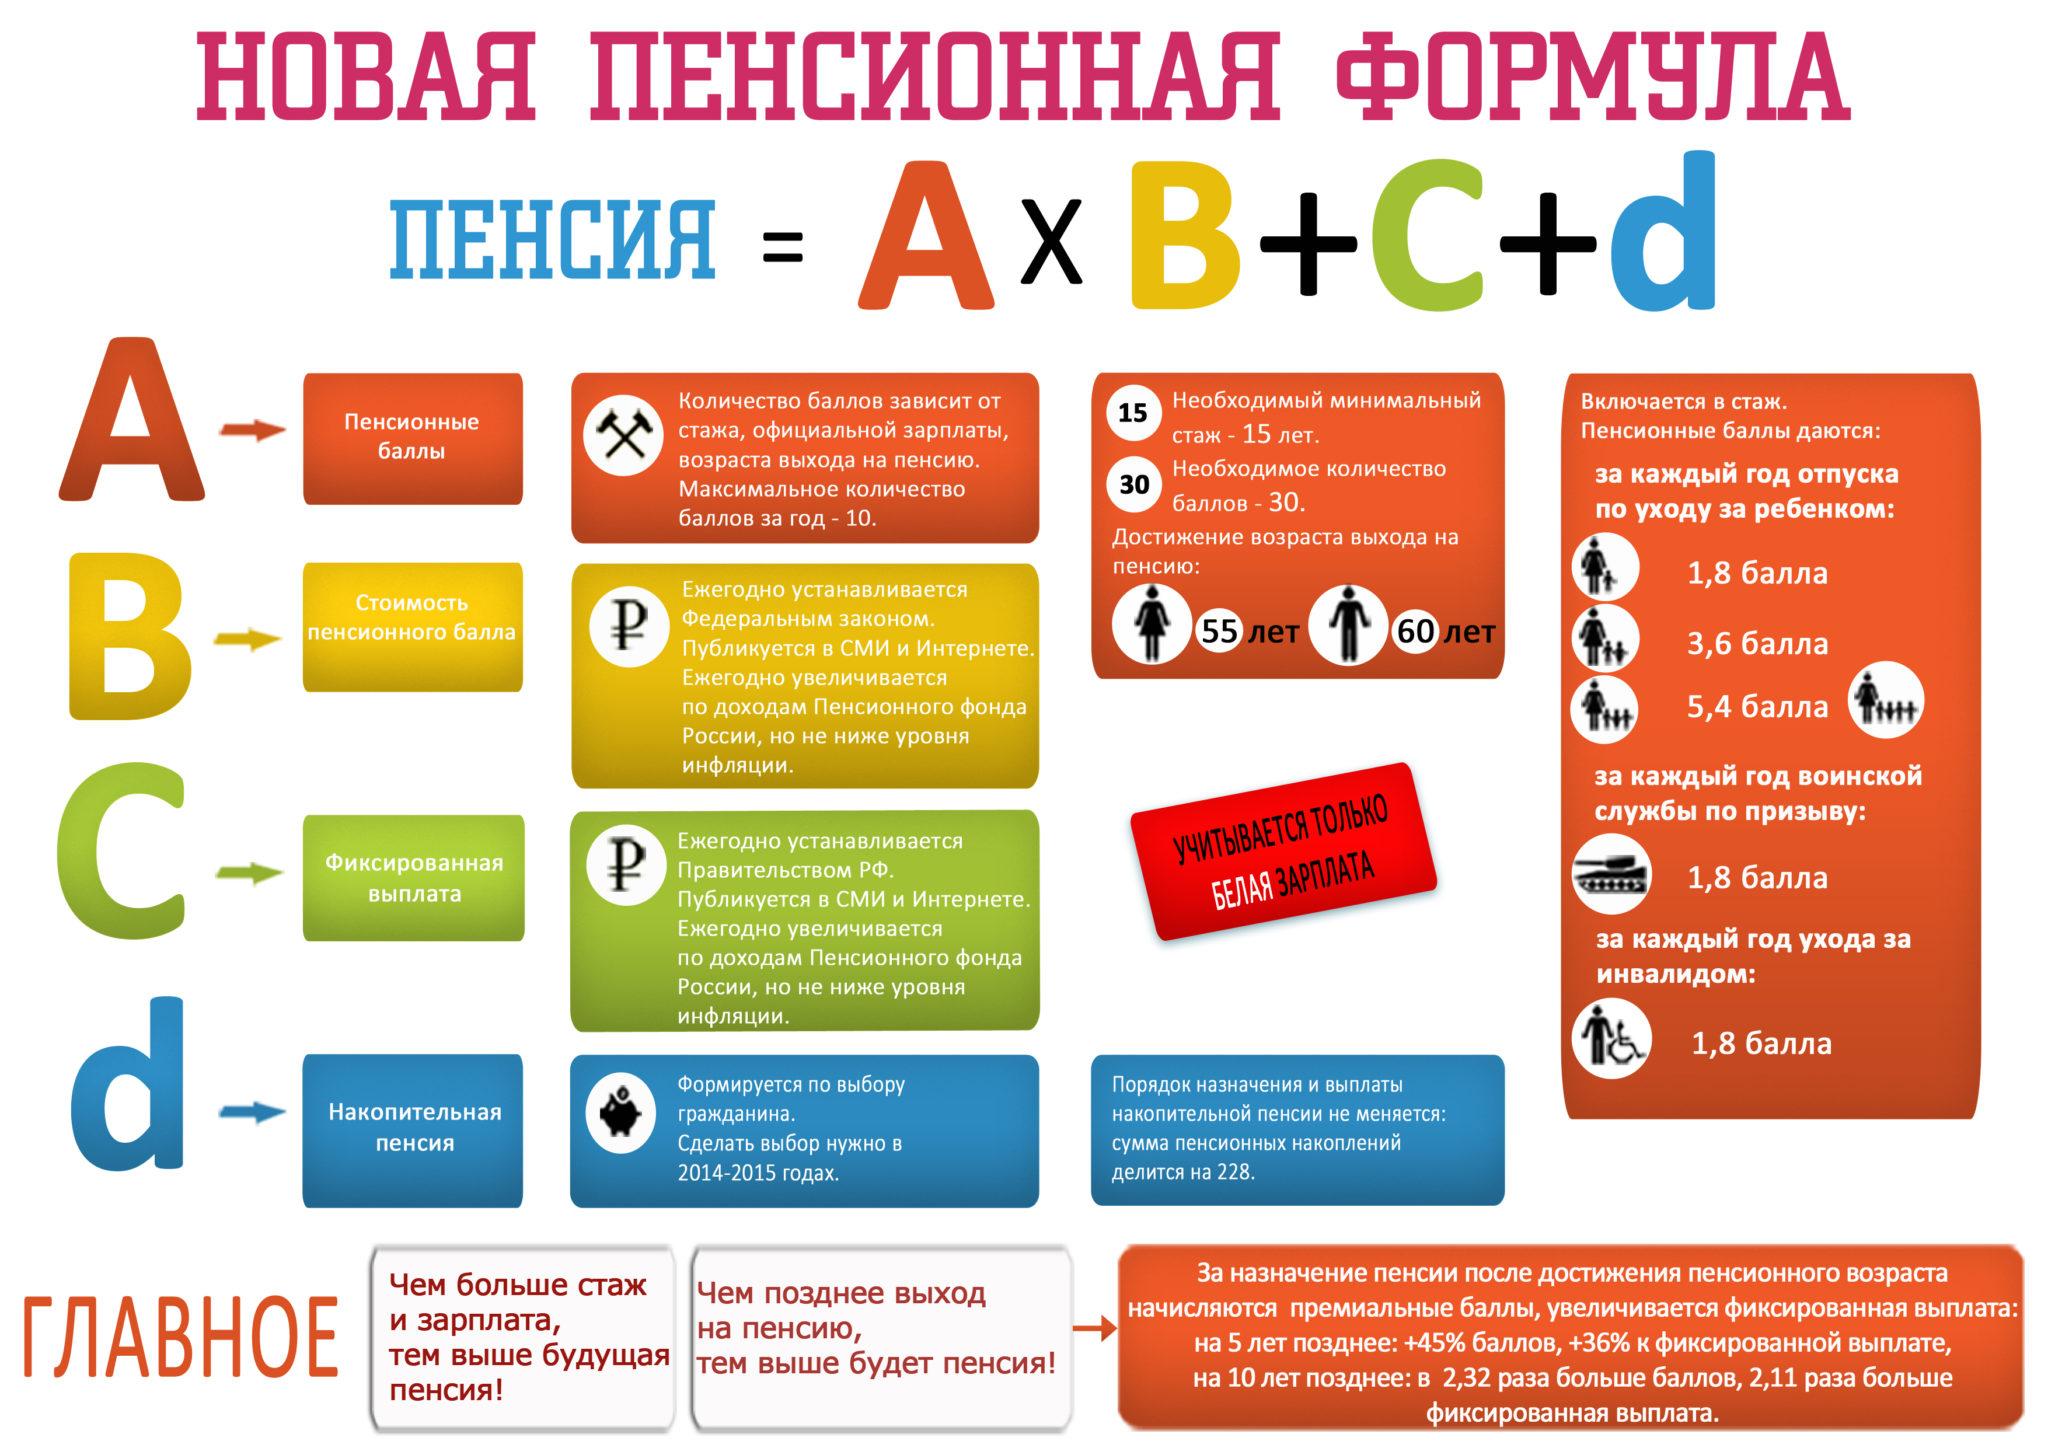 От каких налогов освобождаются российские пенсионеры в 2016-2017 году